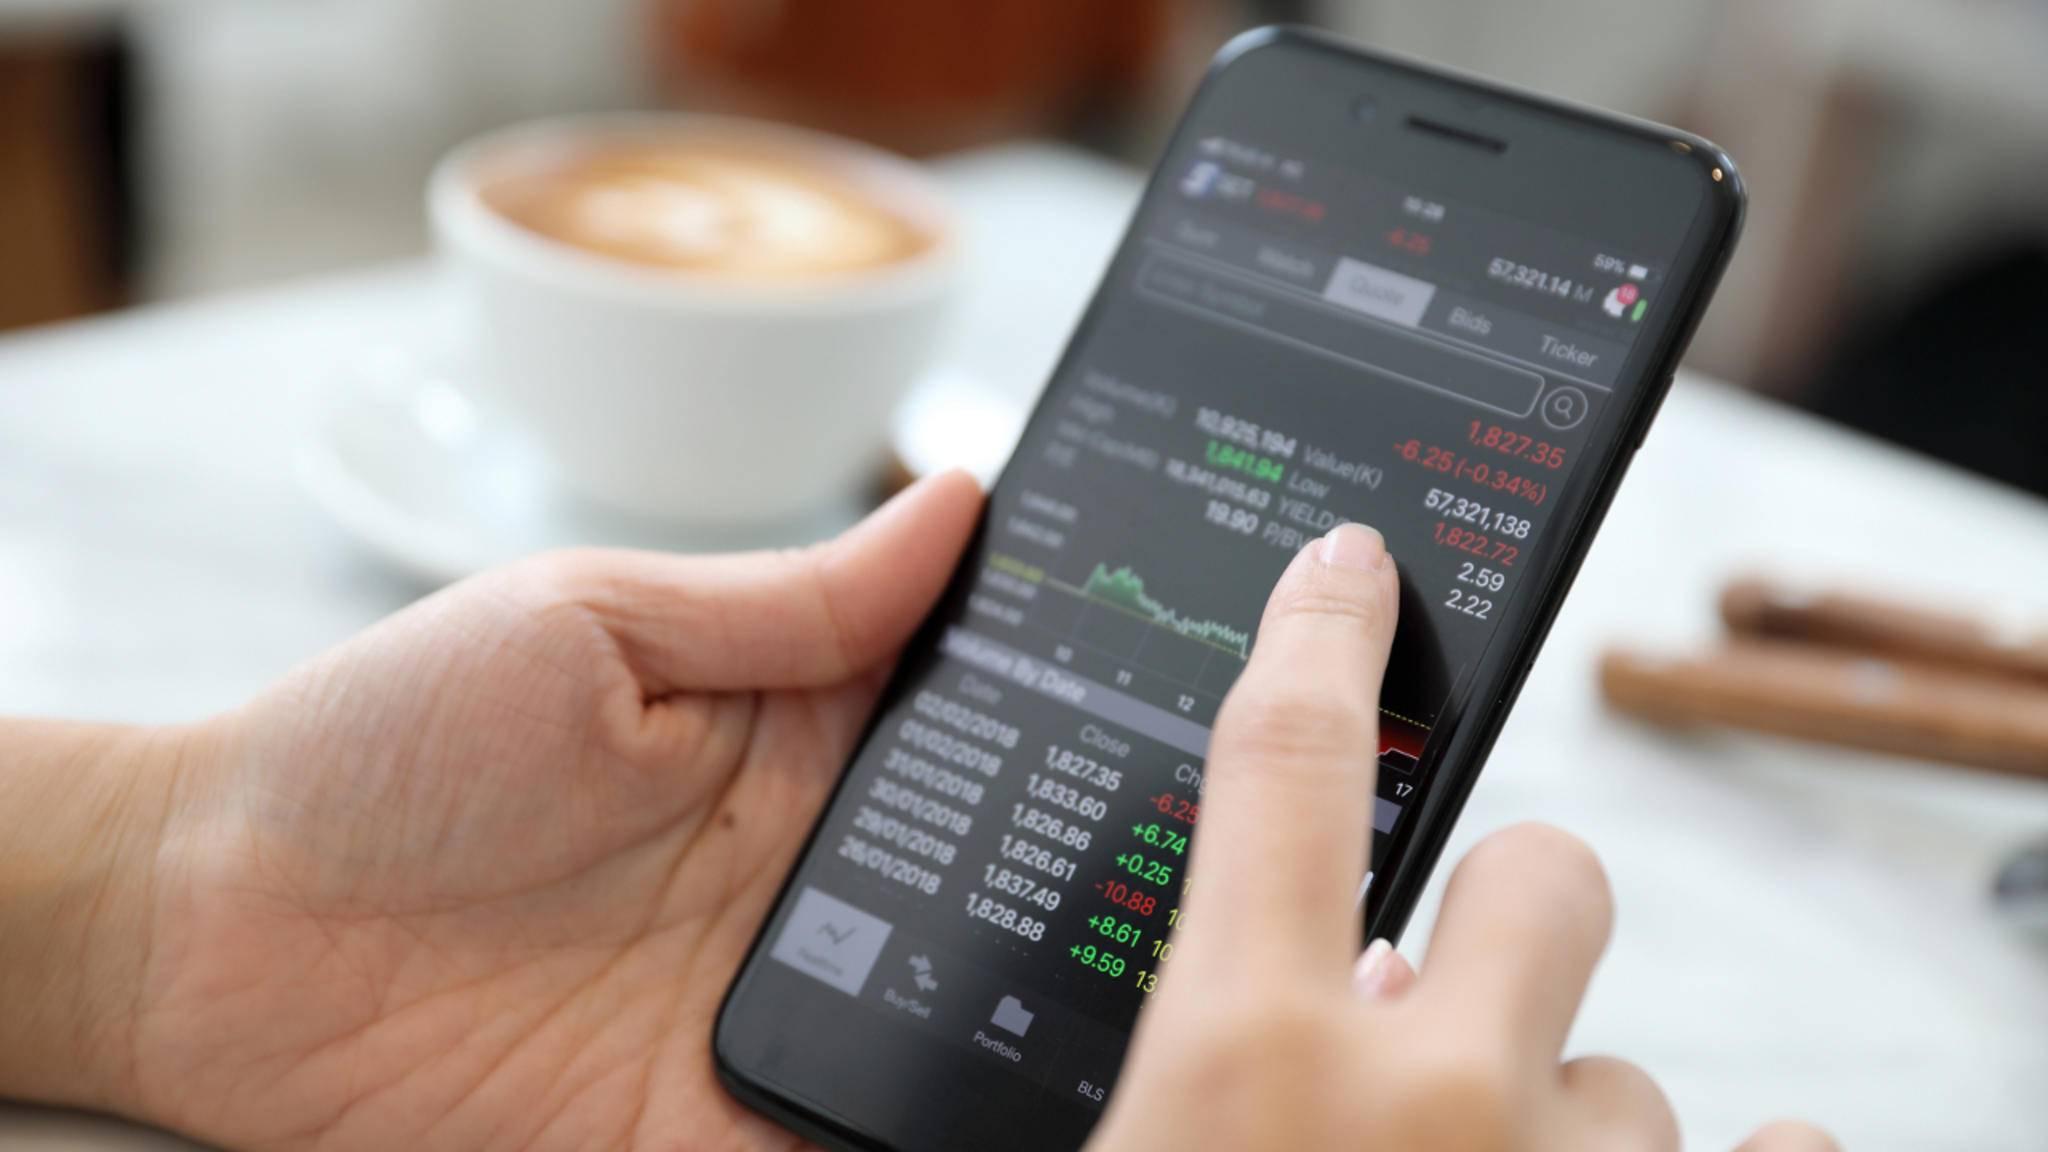 Aktien-App noch nie genutzt? Wir verraten, was Du mit der Anwendung alles machen kannst.